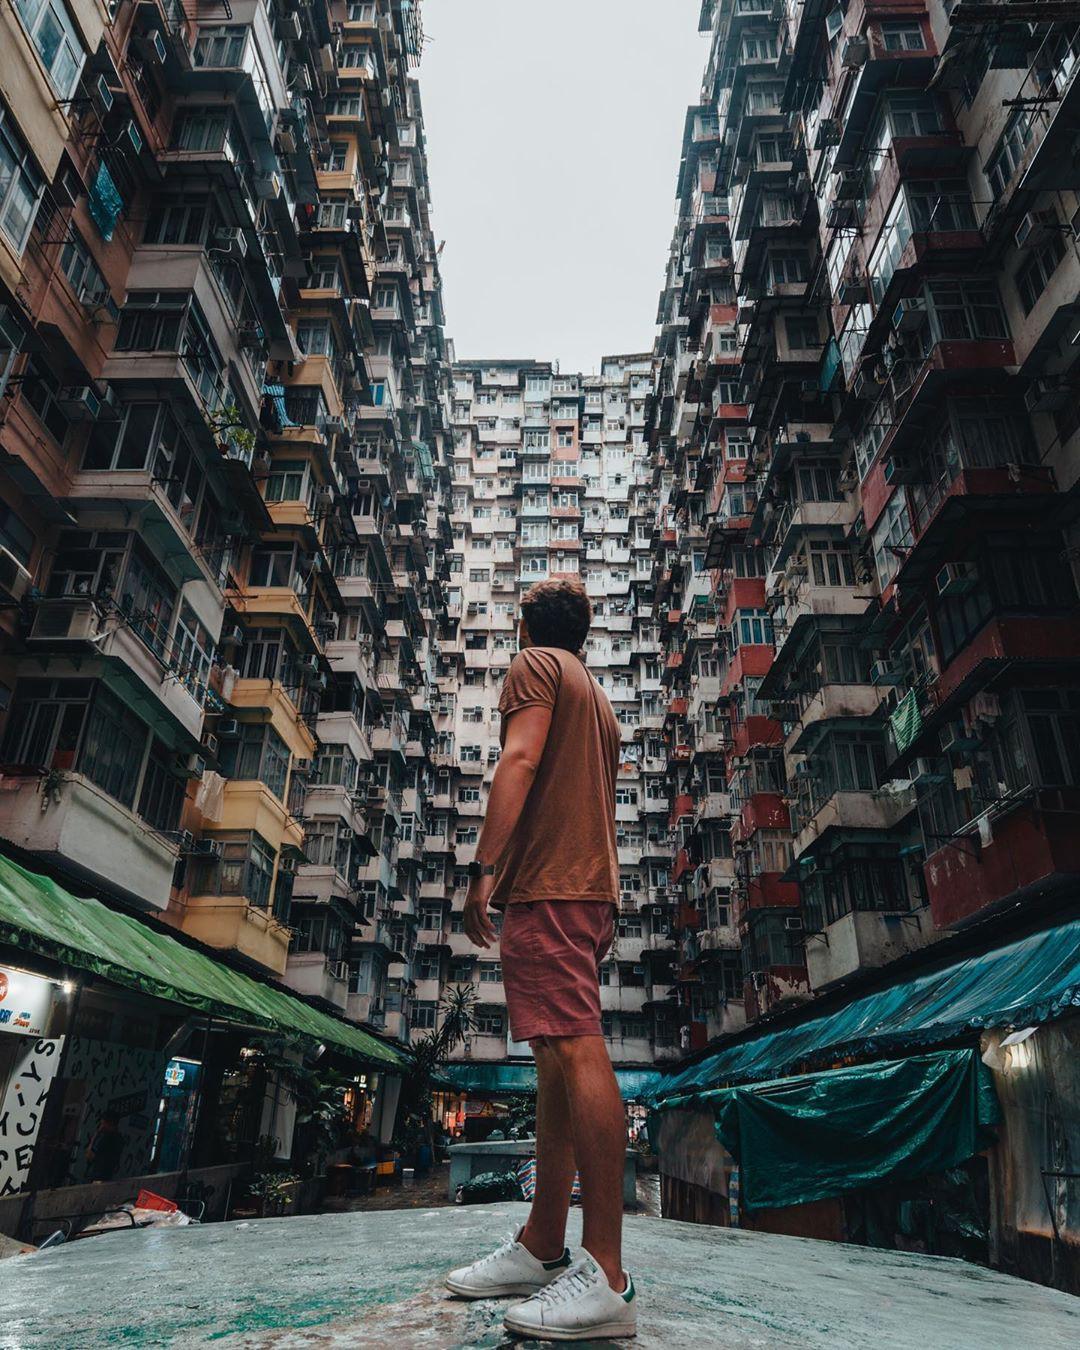 Bỏ túi ngay 8 điểm sống ảo nổi tiếng ở Hong Kong, vị trí thứ 2 hot đến nỗi còn lọt vào top được check-in nhiều nhất trên Instagram! - Ảnh 15.